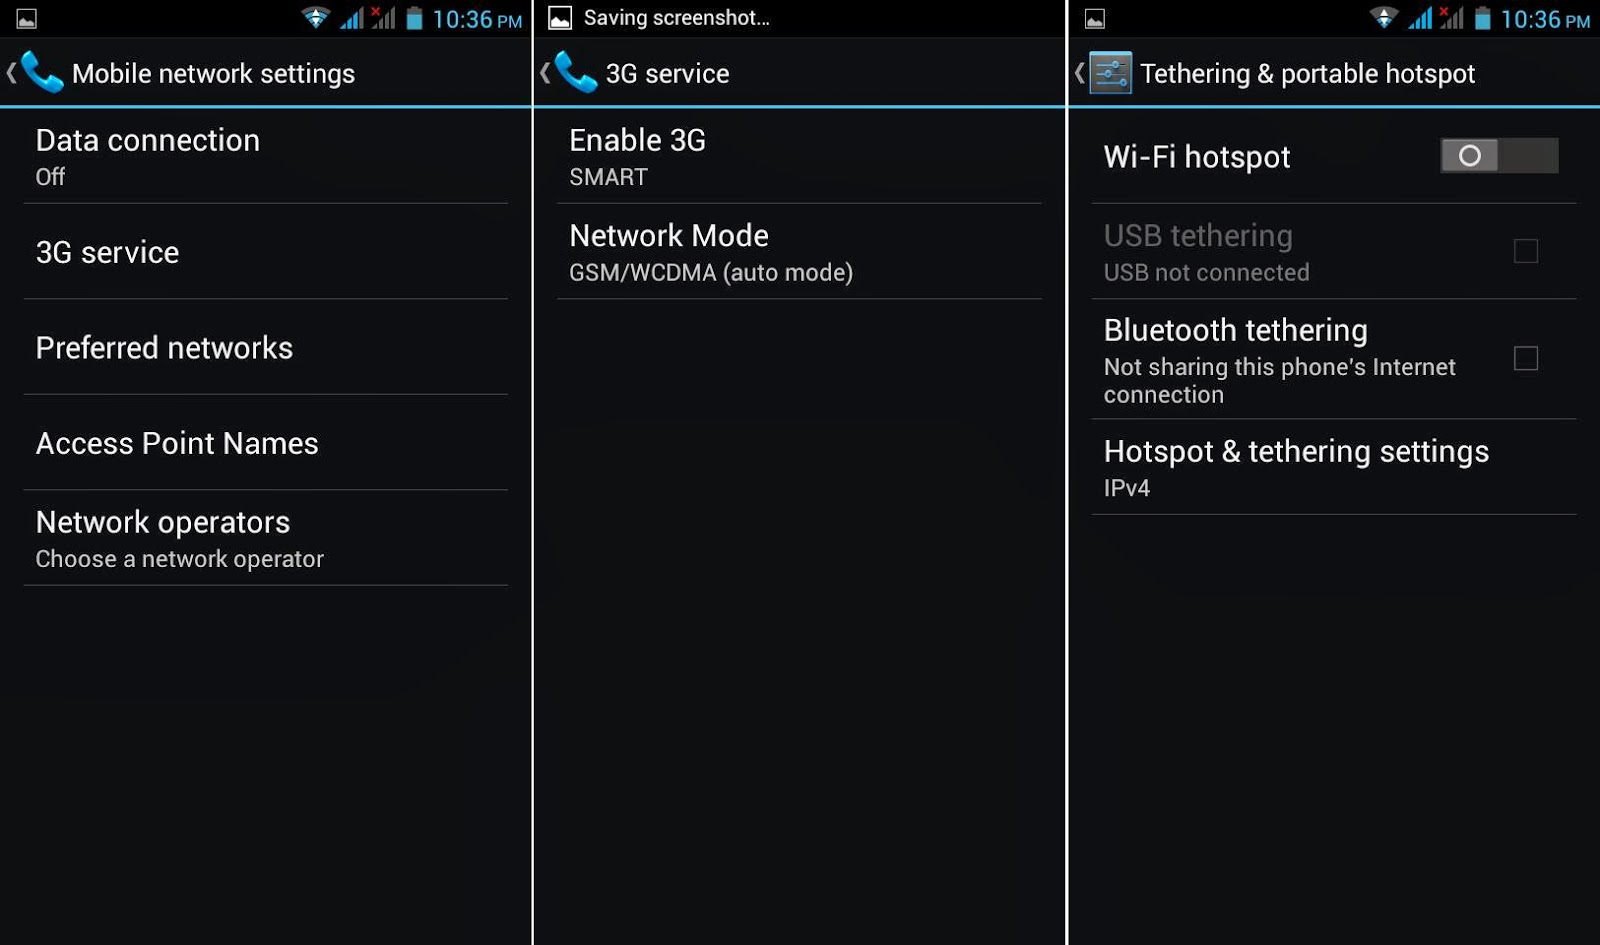 DTC Mobile GT17 Jupiter 3G & Tethering